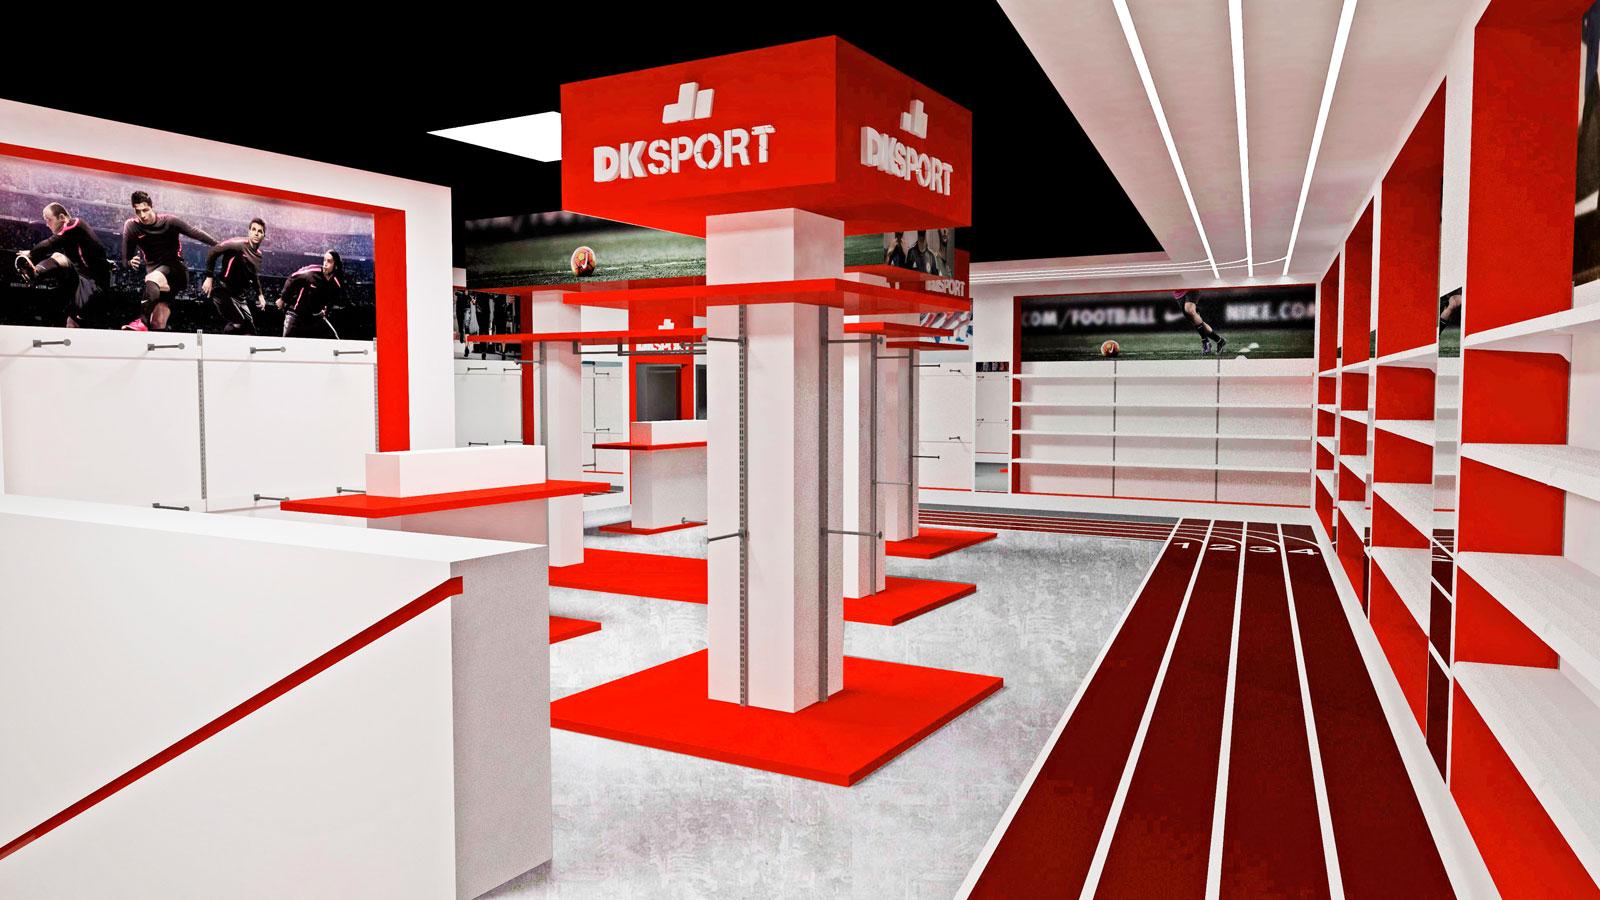 Dksport-A